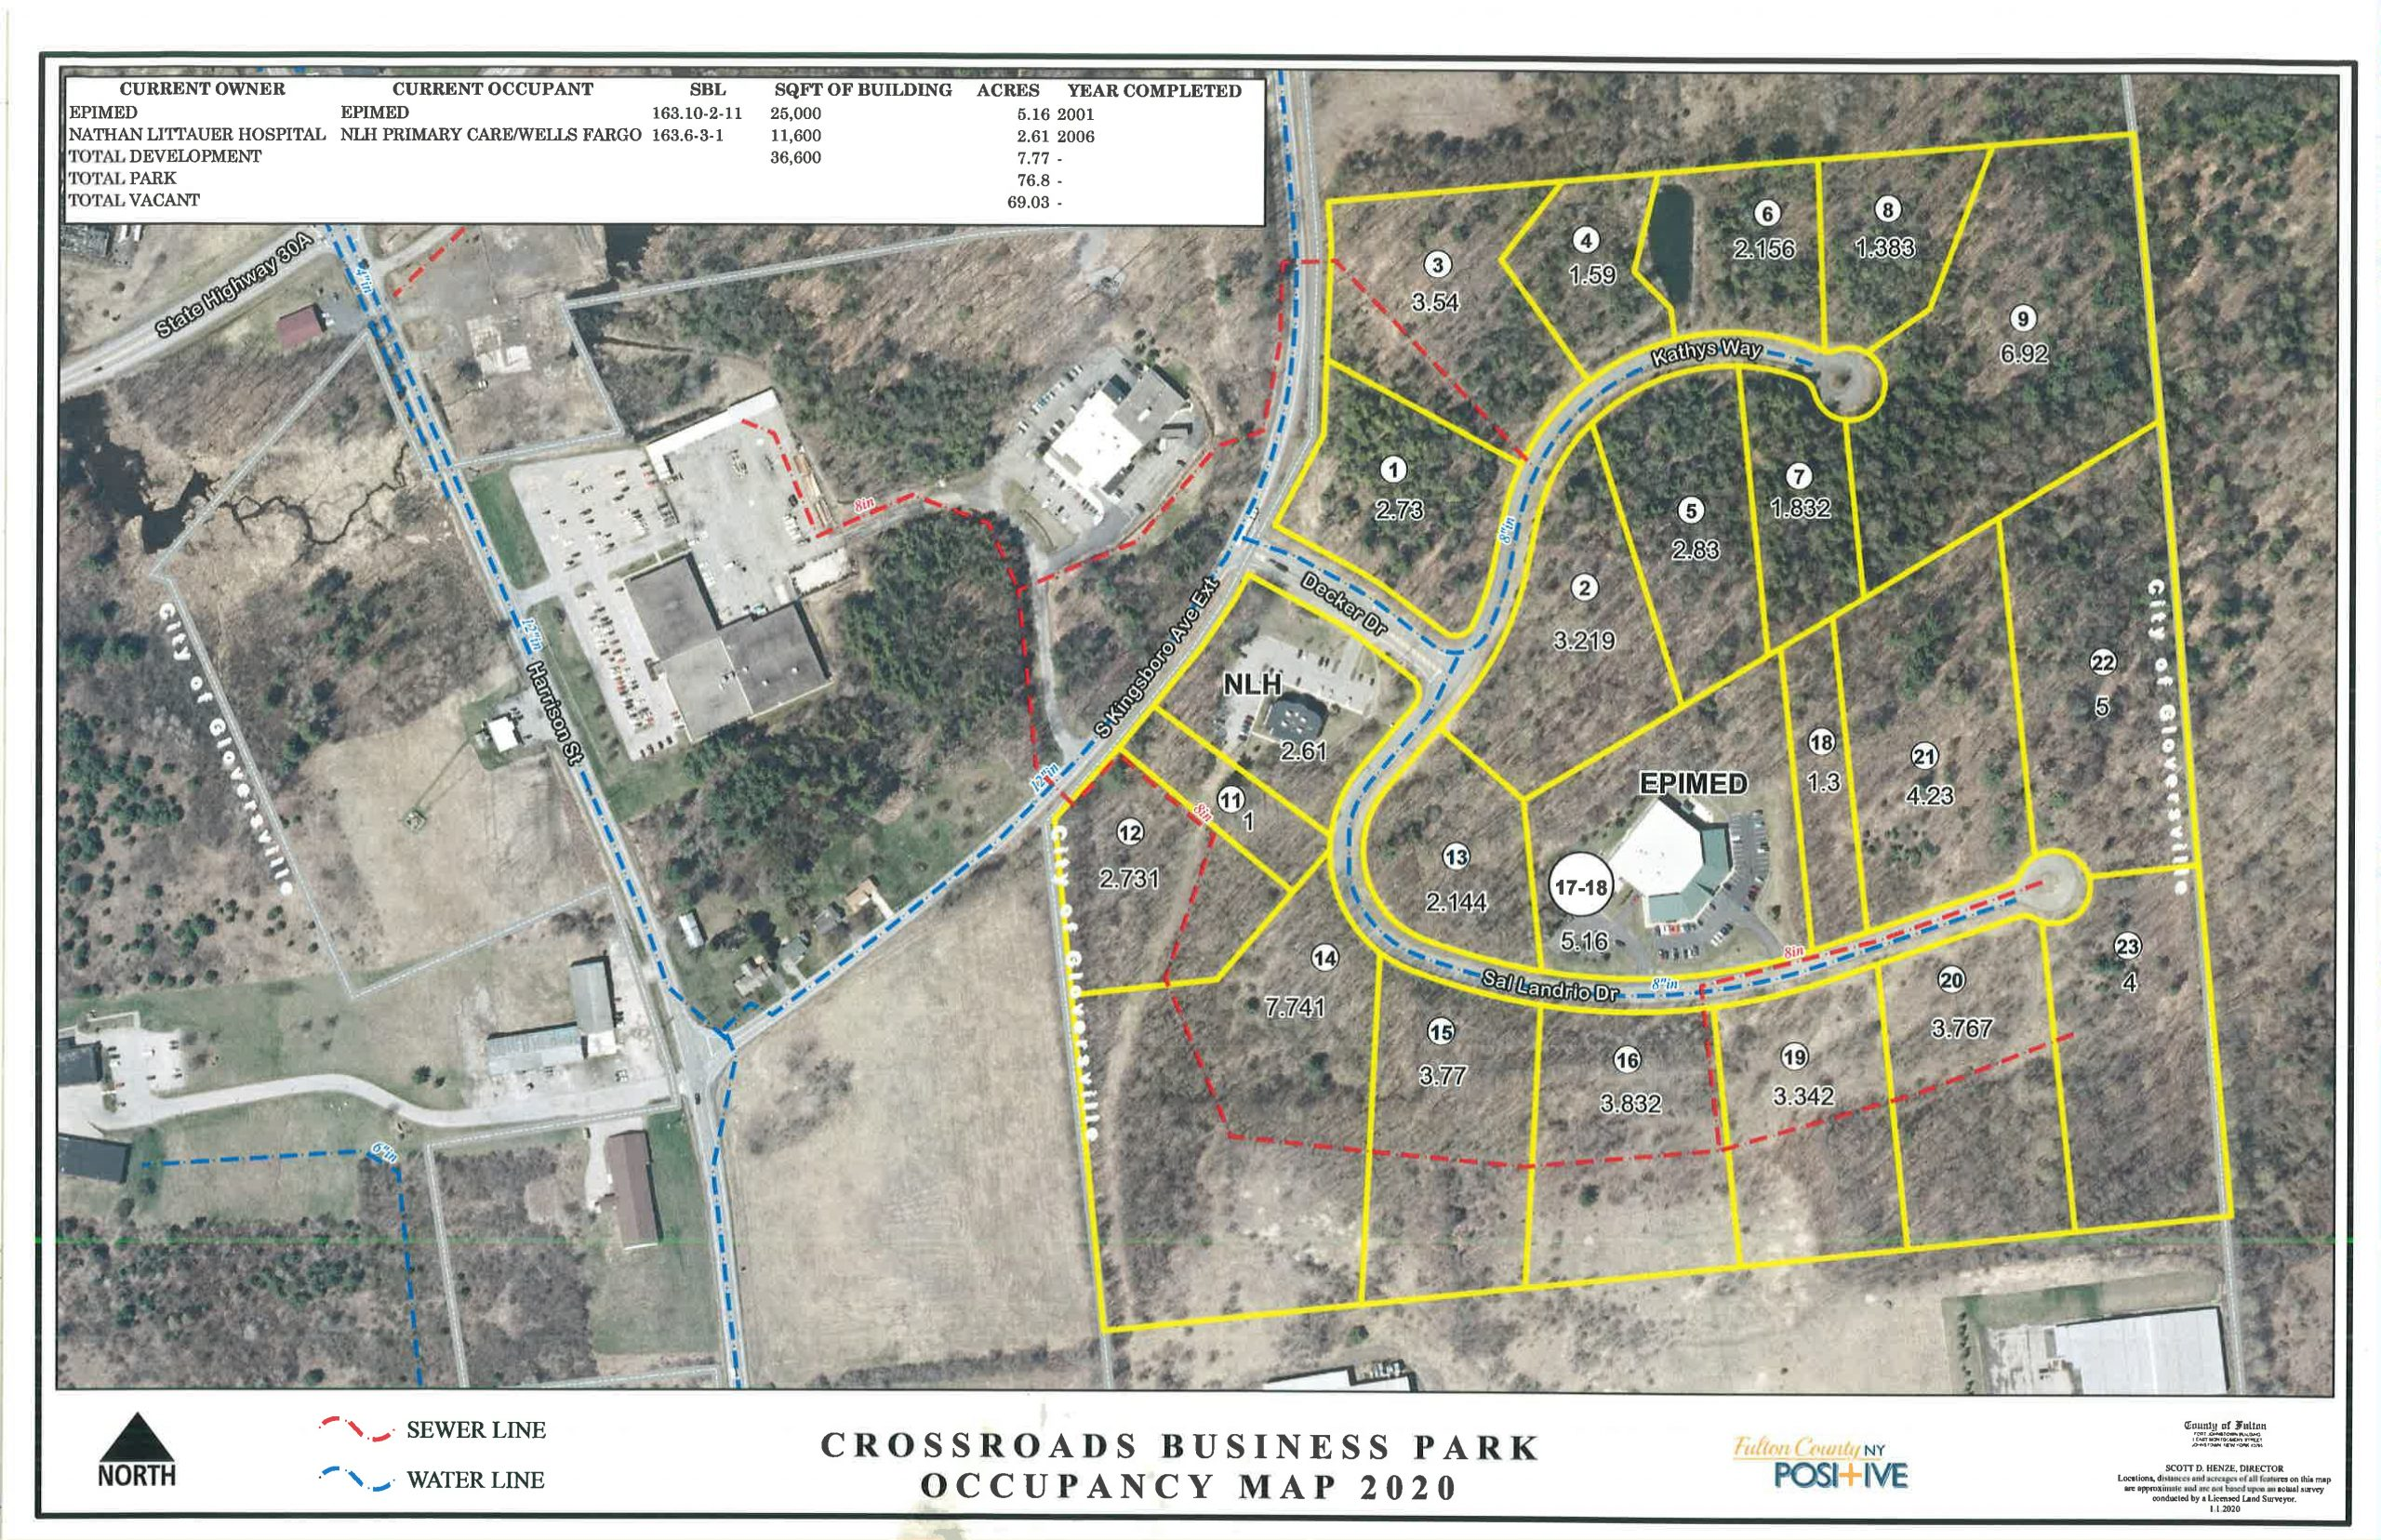 Crossroads Business Park